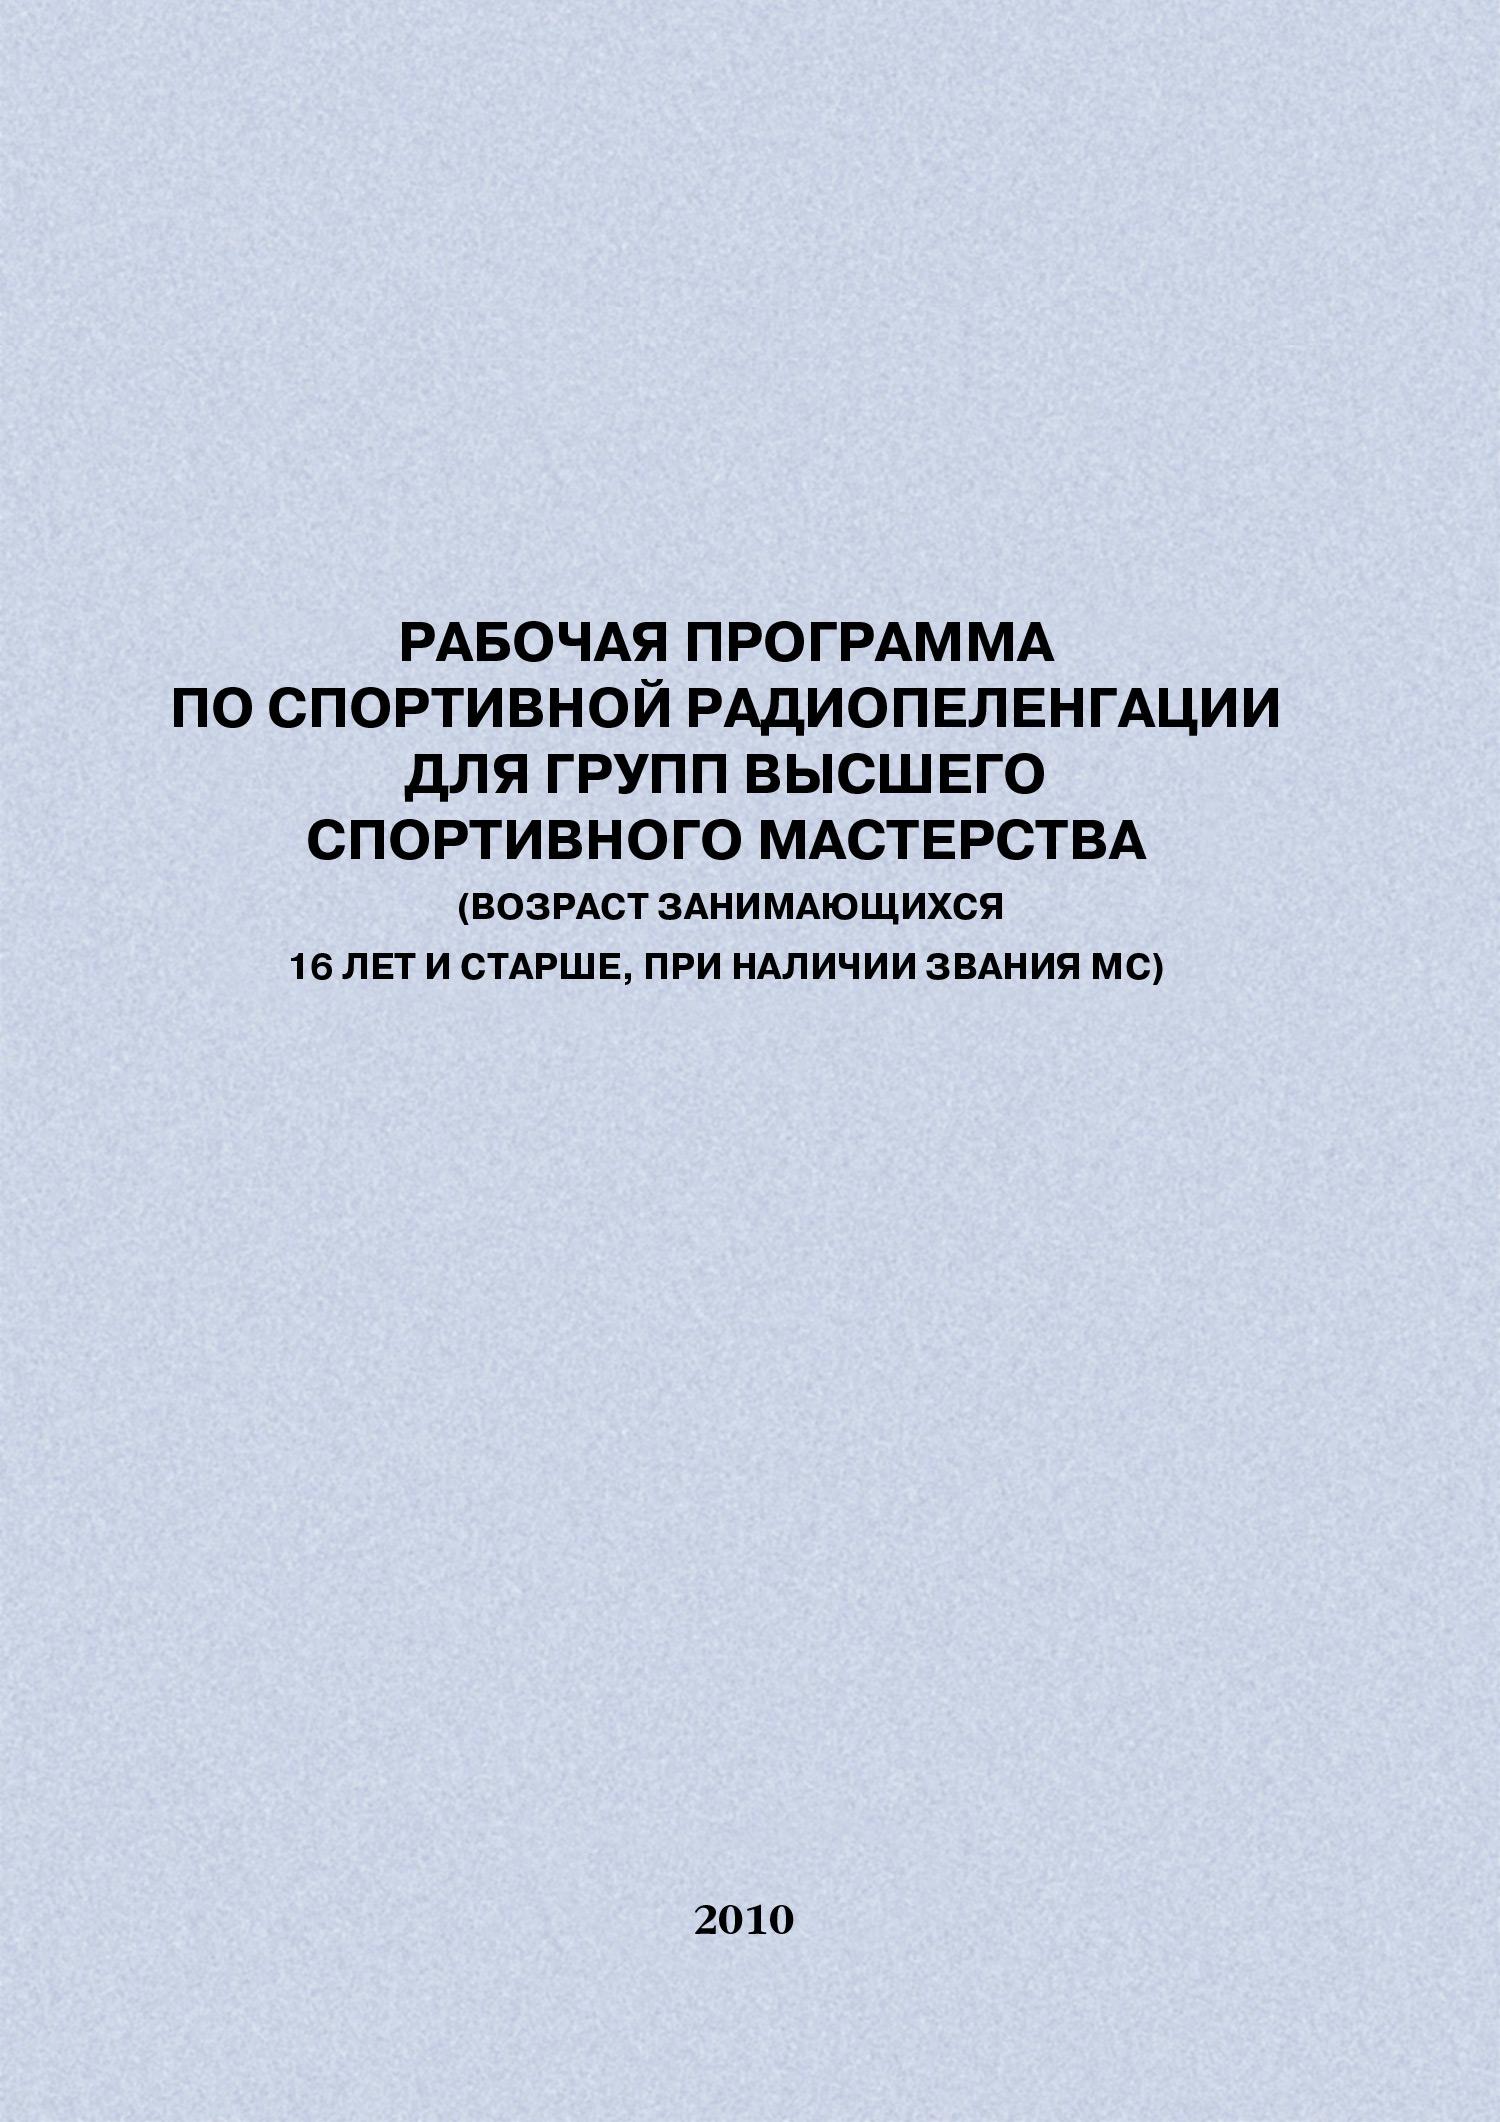 Евгений Головихин Рабочая программа по спортивной радиопеленгации для групп высшего спортивного мастерства